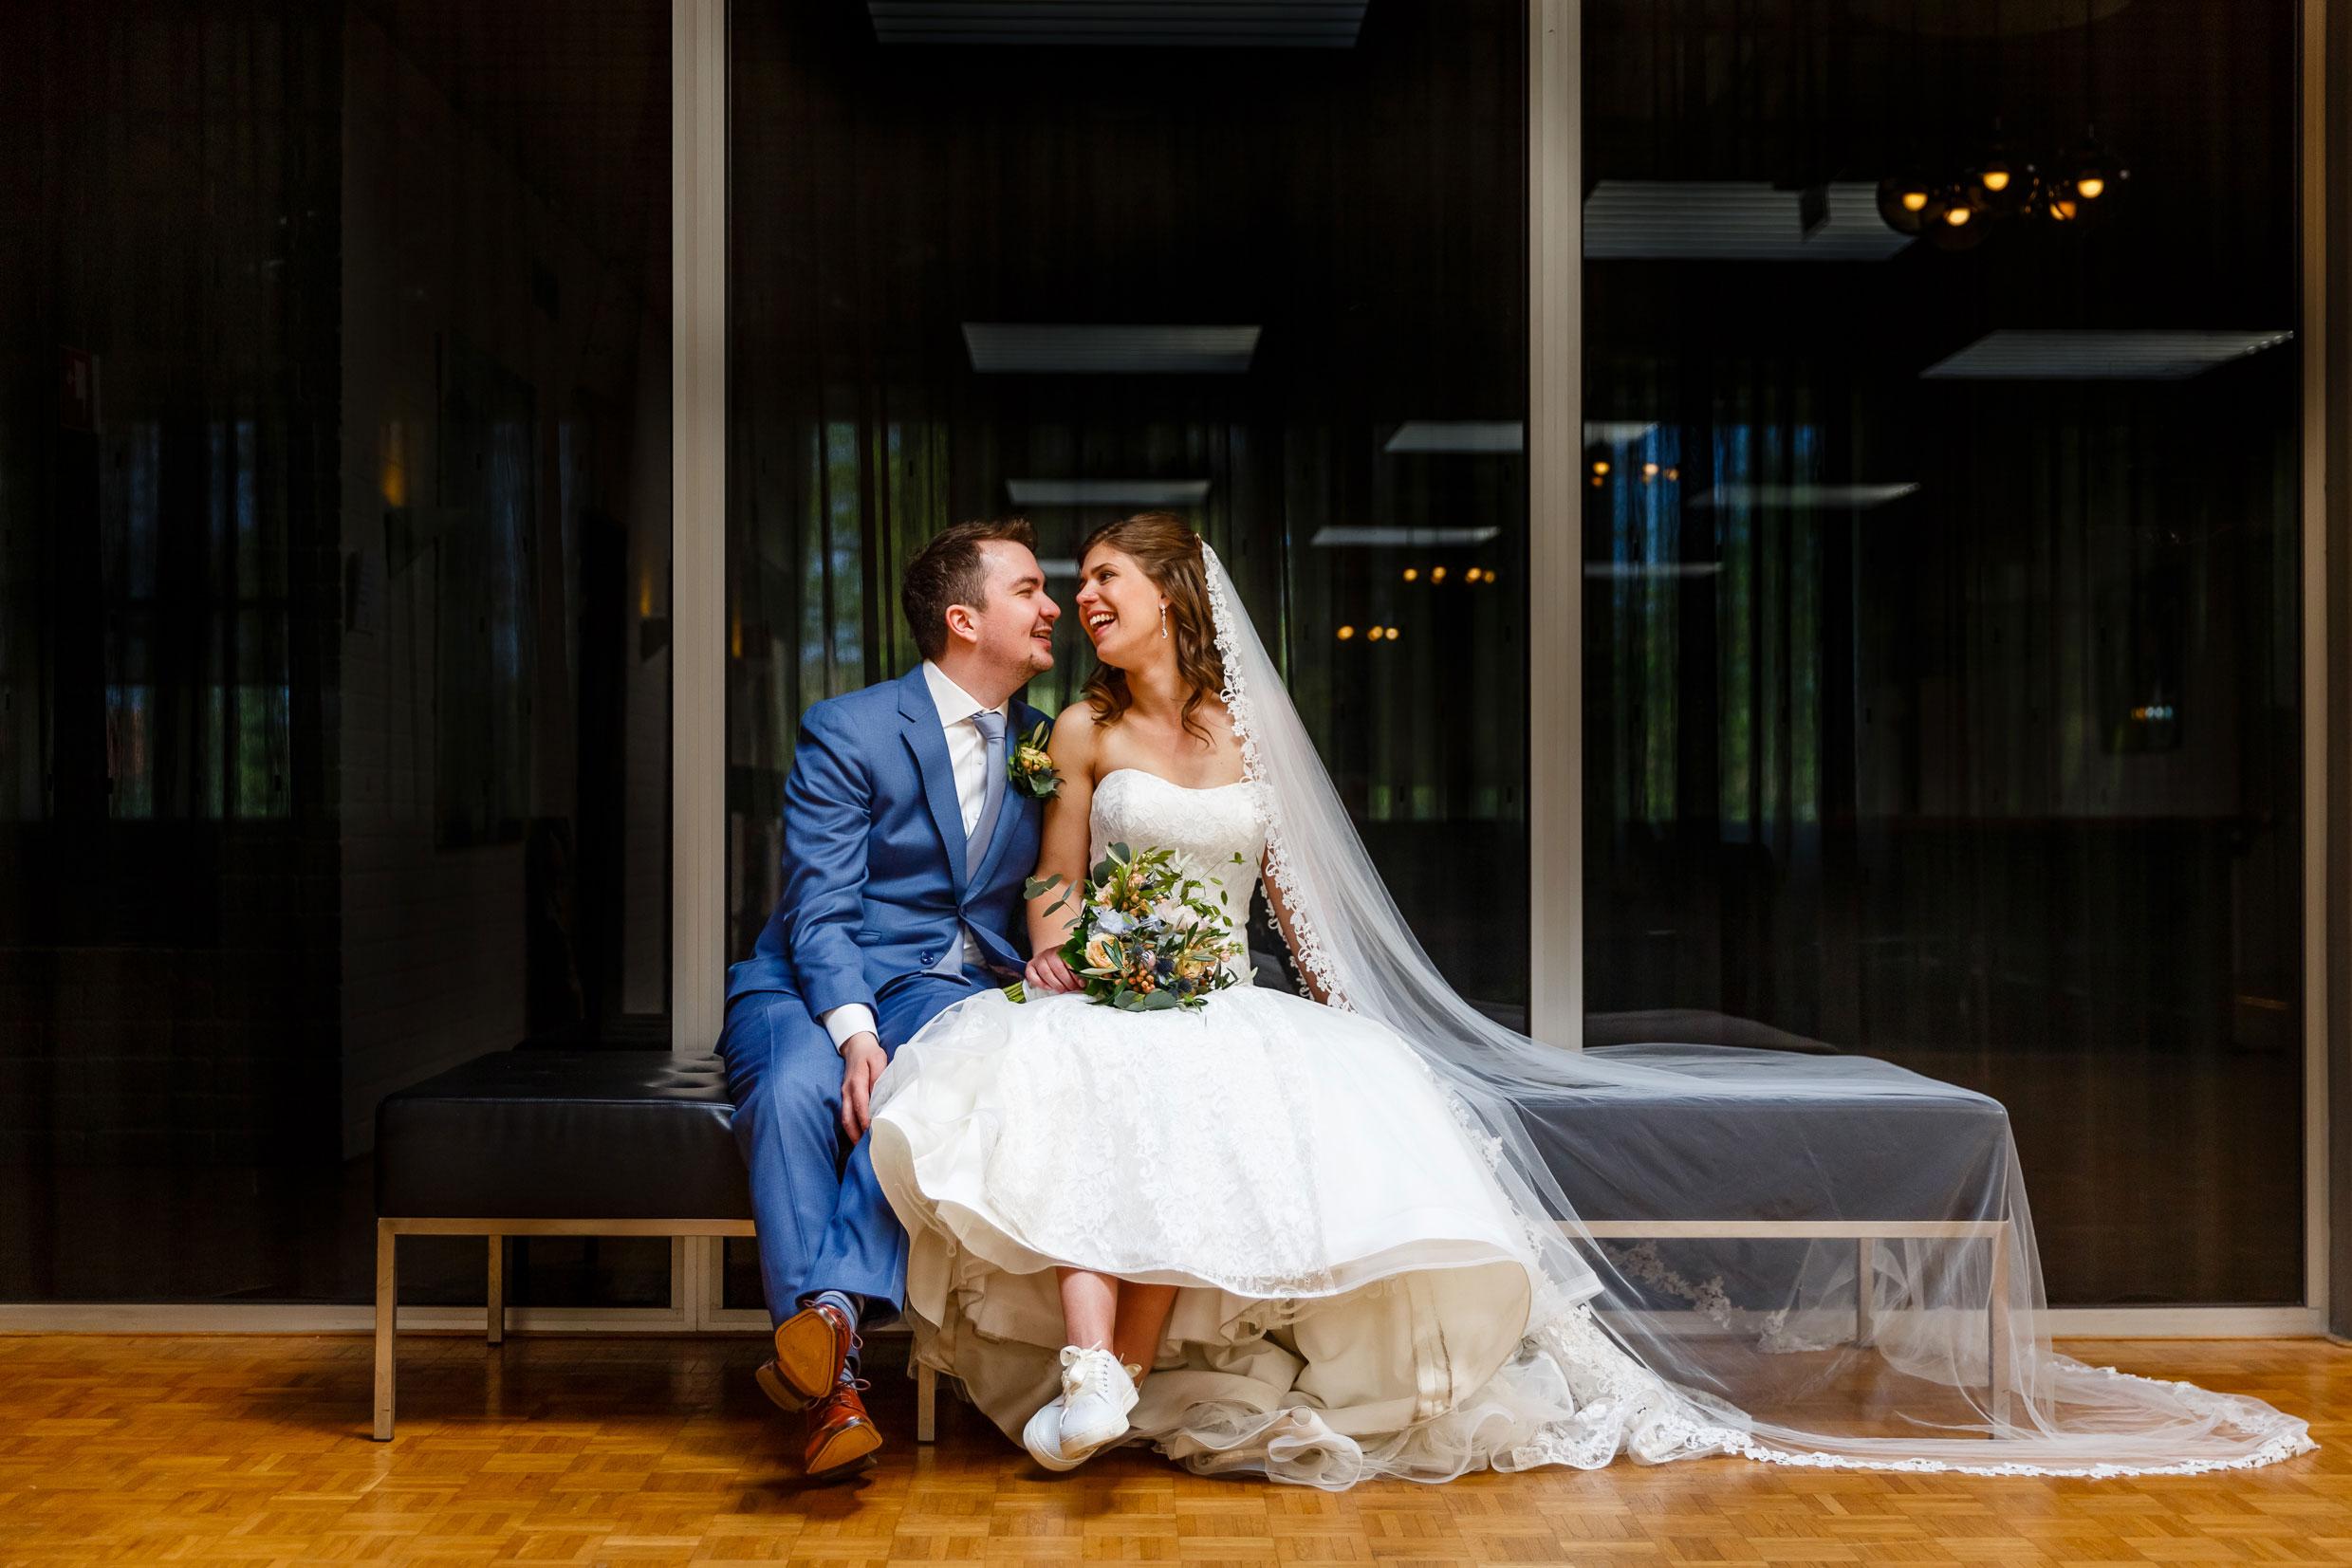 Bruiloft, trouwen, Dedemsvaart, trouwfotograaf, Overijssel, trouwjurk, maatpak, Hofje van Buisman, Lemelerveld,